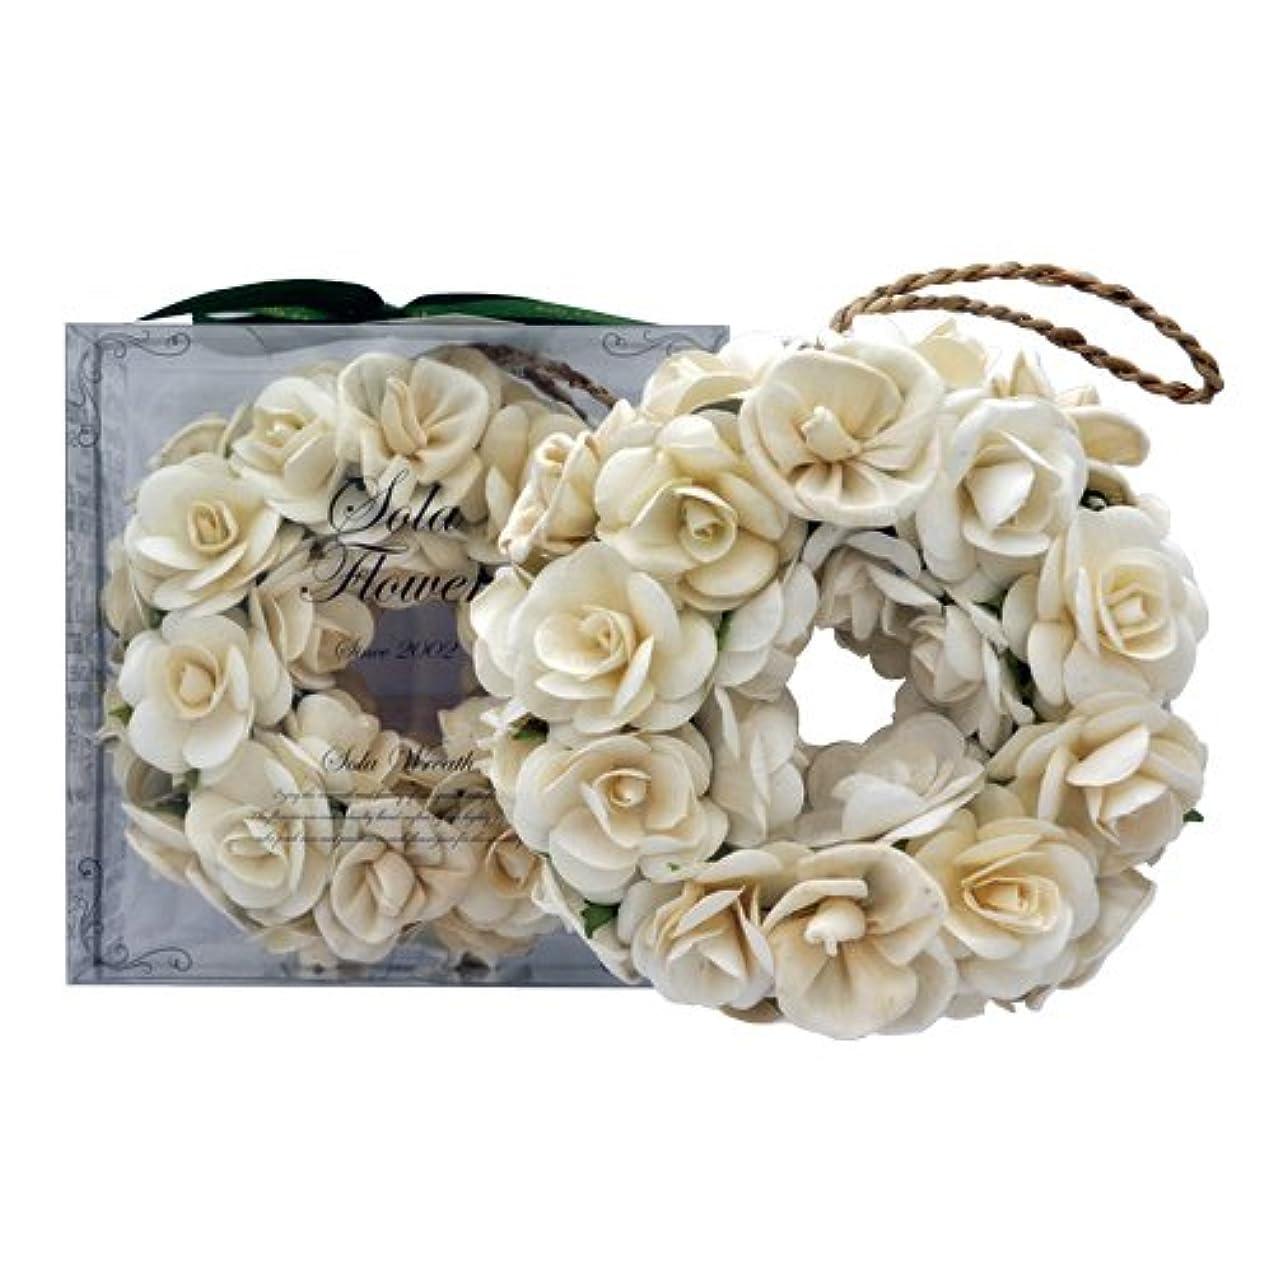 操縦するキリスト大胆不敵new Sola Flower ソラフラワー リース Gentle Rose ジェントルローズ Wreath